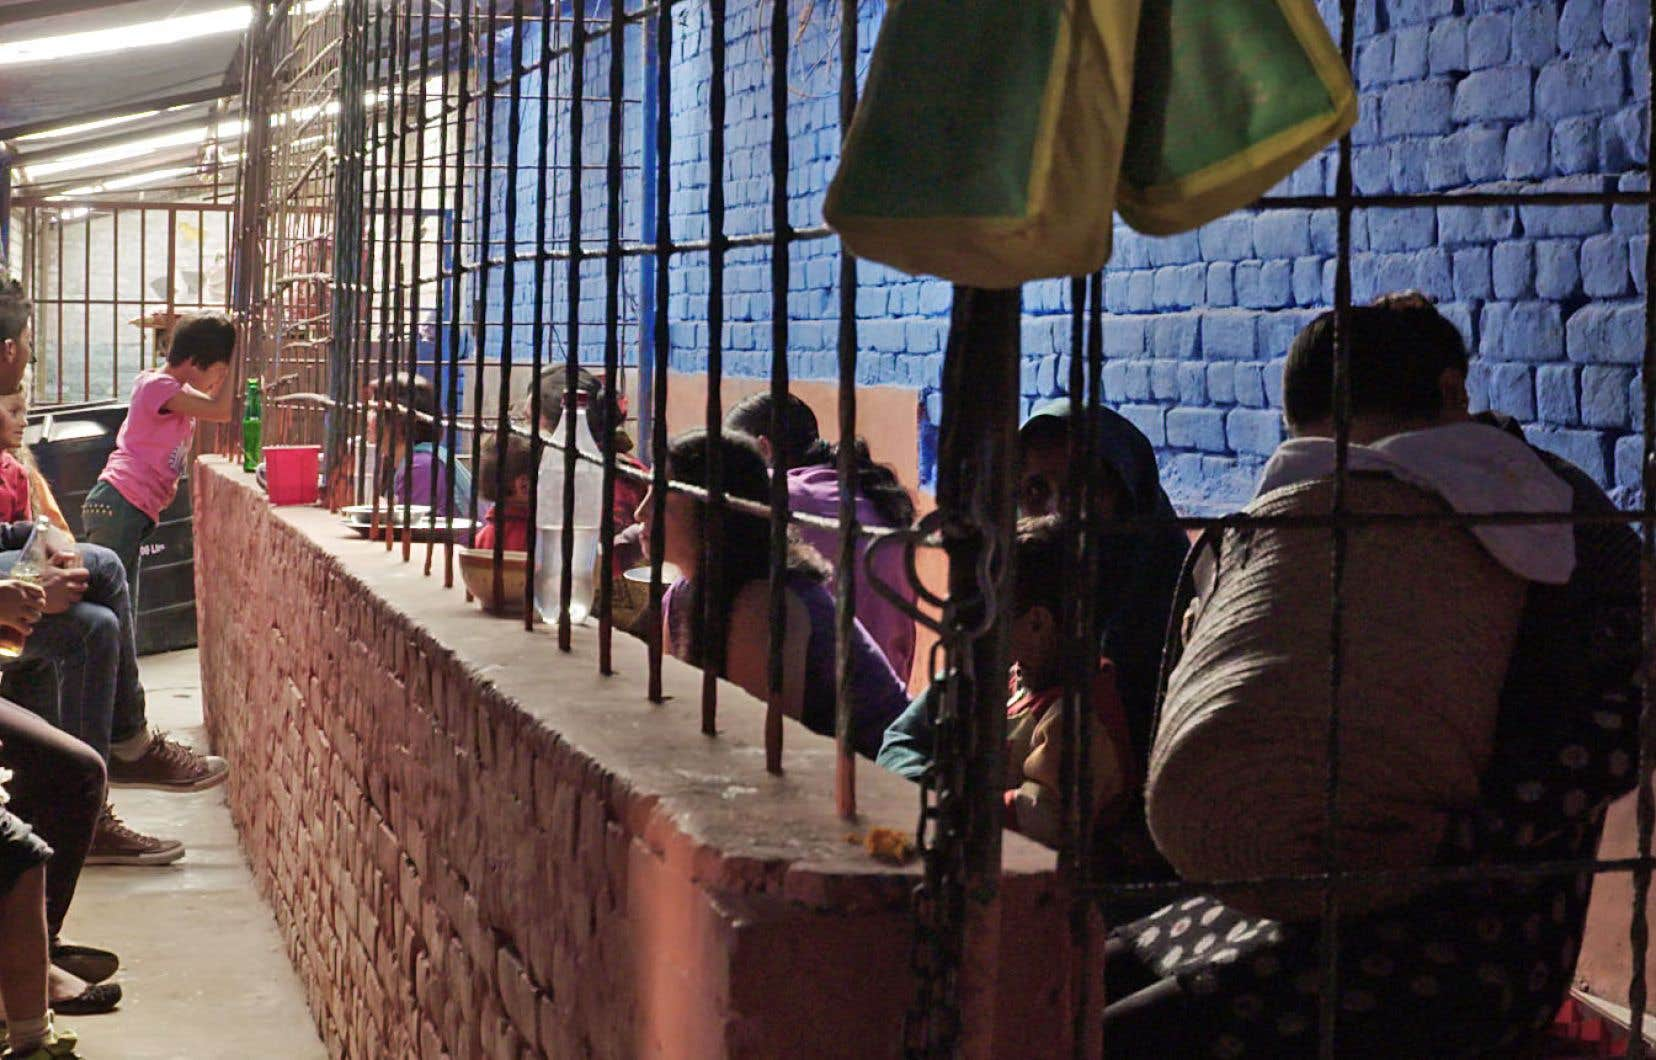 Au Népal, les enfants en bas âge vivent en prison avec leur mère avant d'être placés dans une famille d'accueil ou recueillis par d'autres membres de la famille.